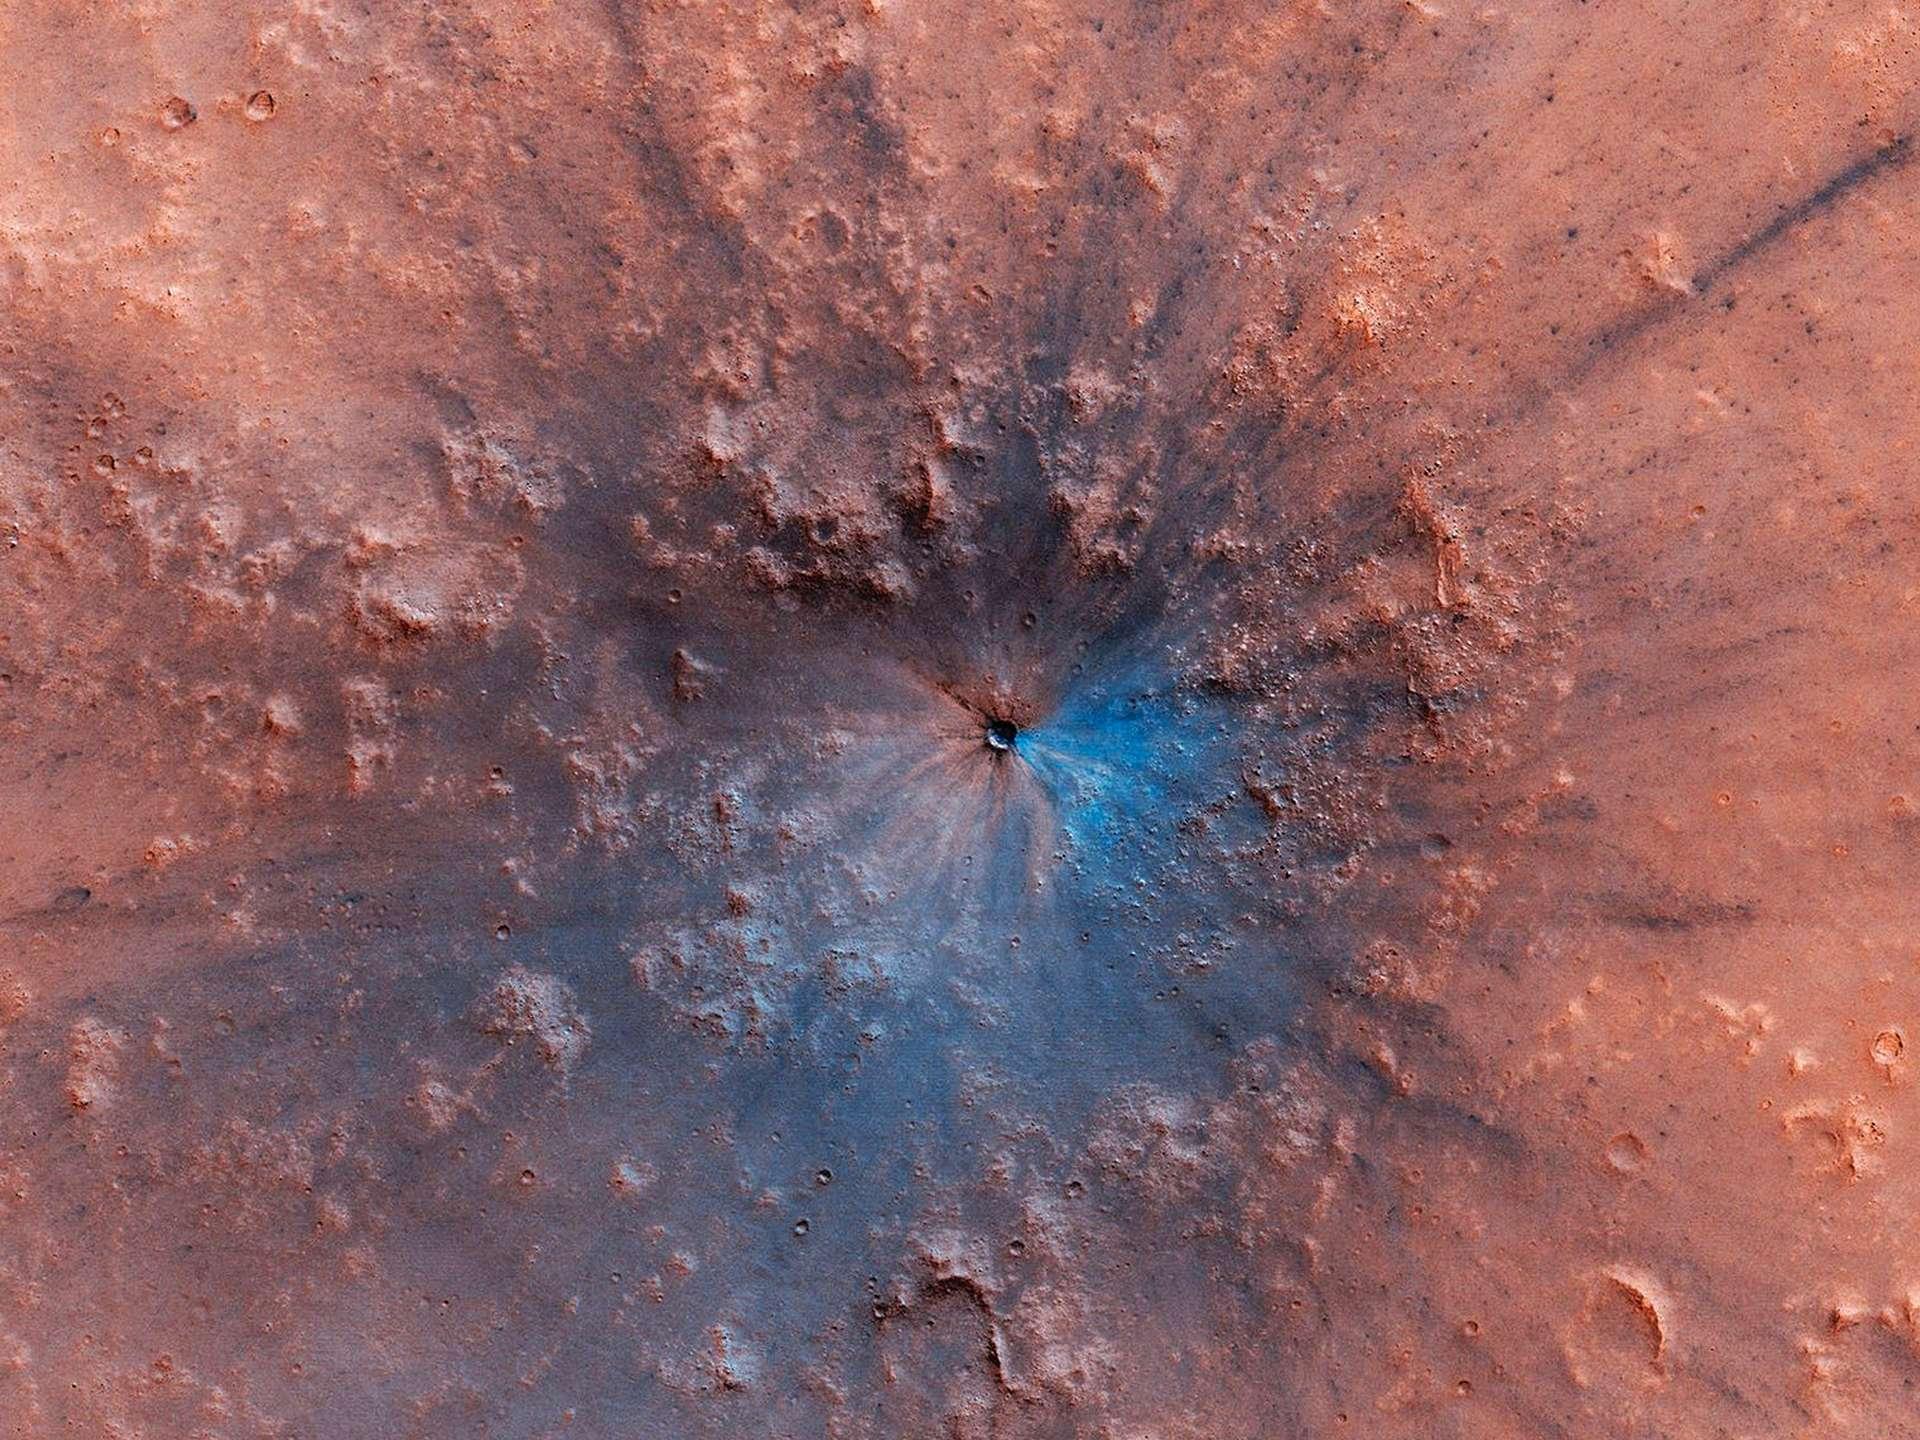 Les cratères d'impact récents comme celui-ci sont rares à la surface de Mars. Image en haute résolution ici. © Nasa, JPL, University of Arizona